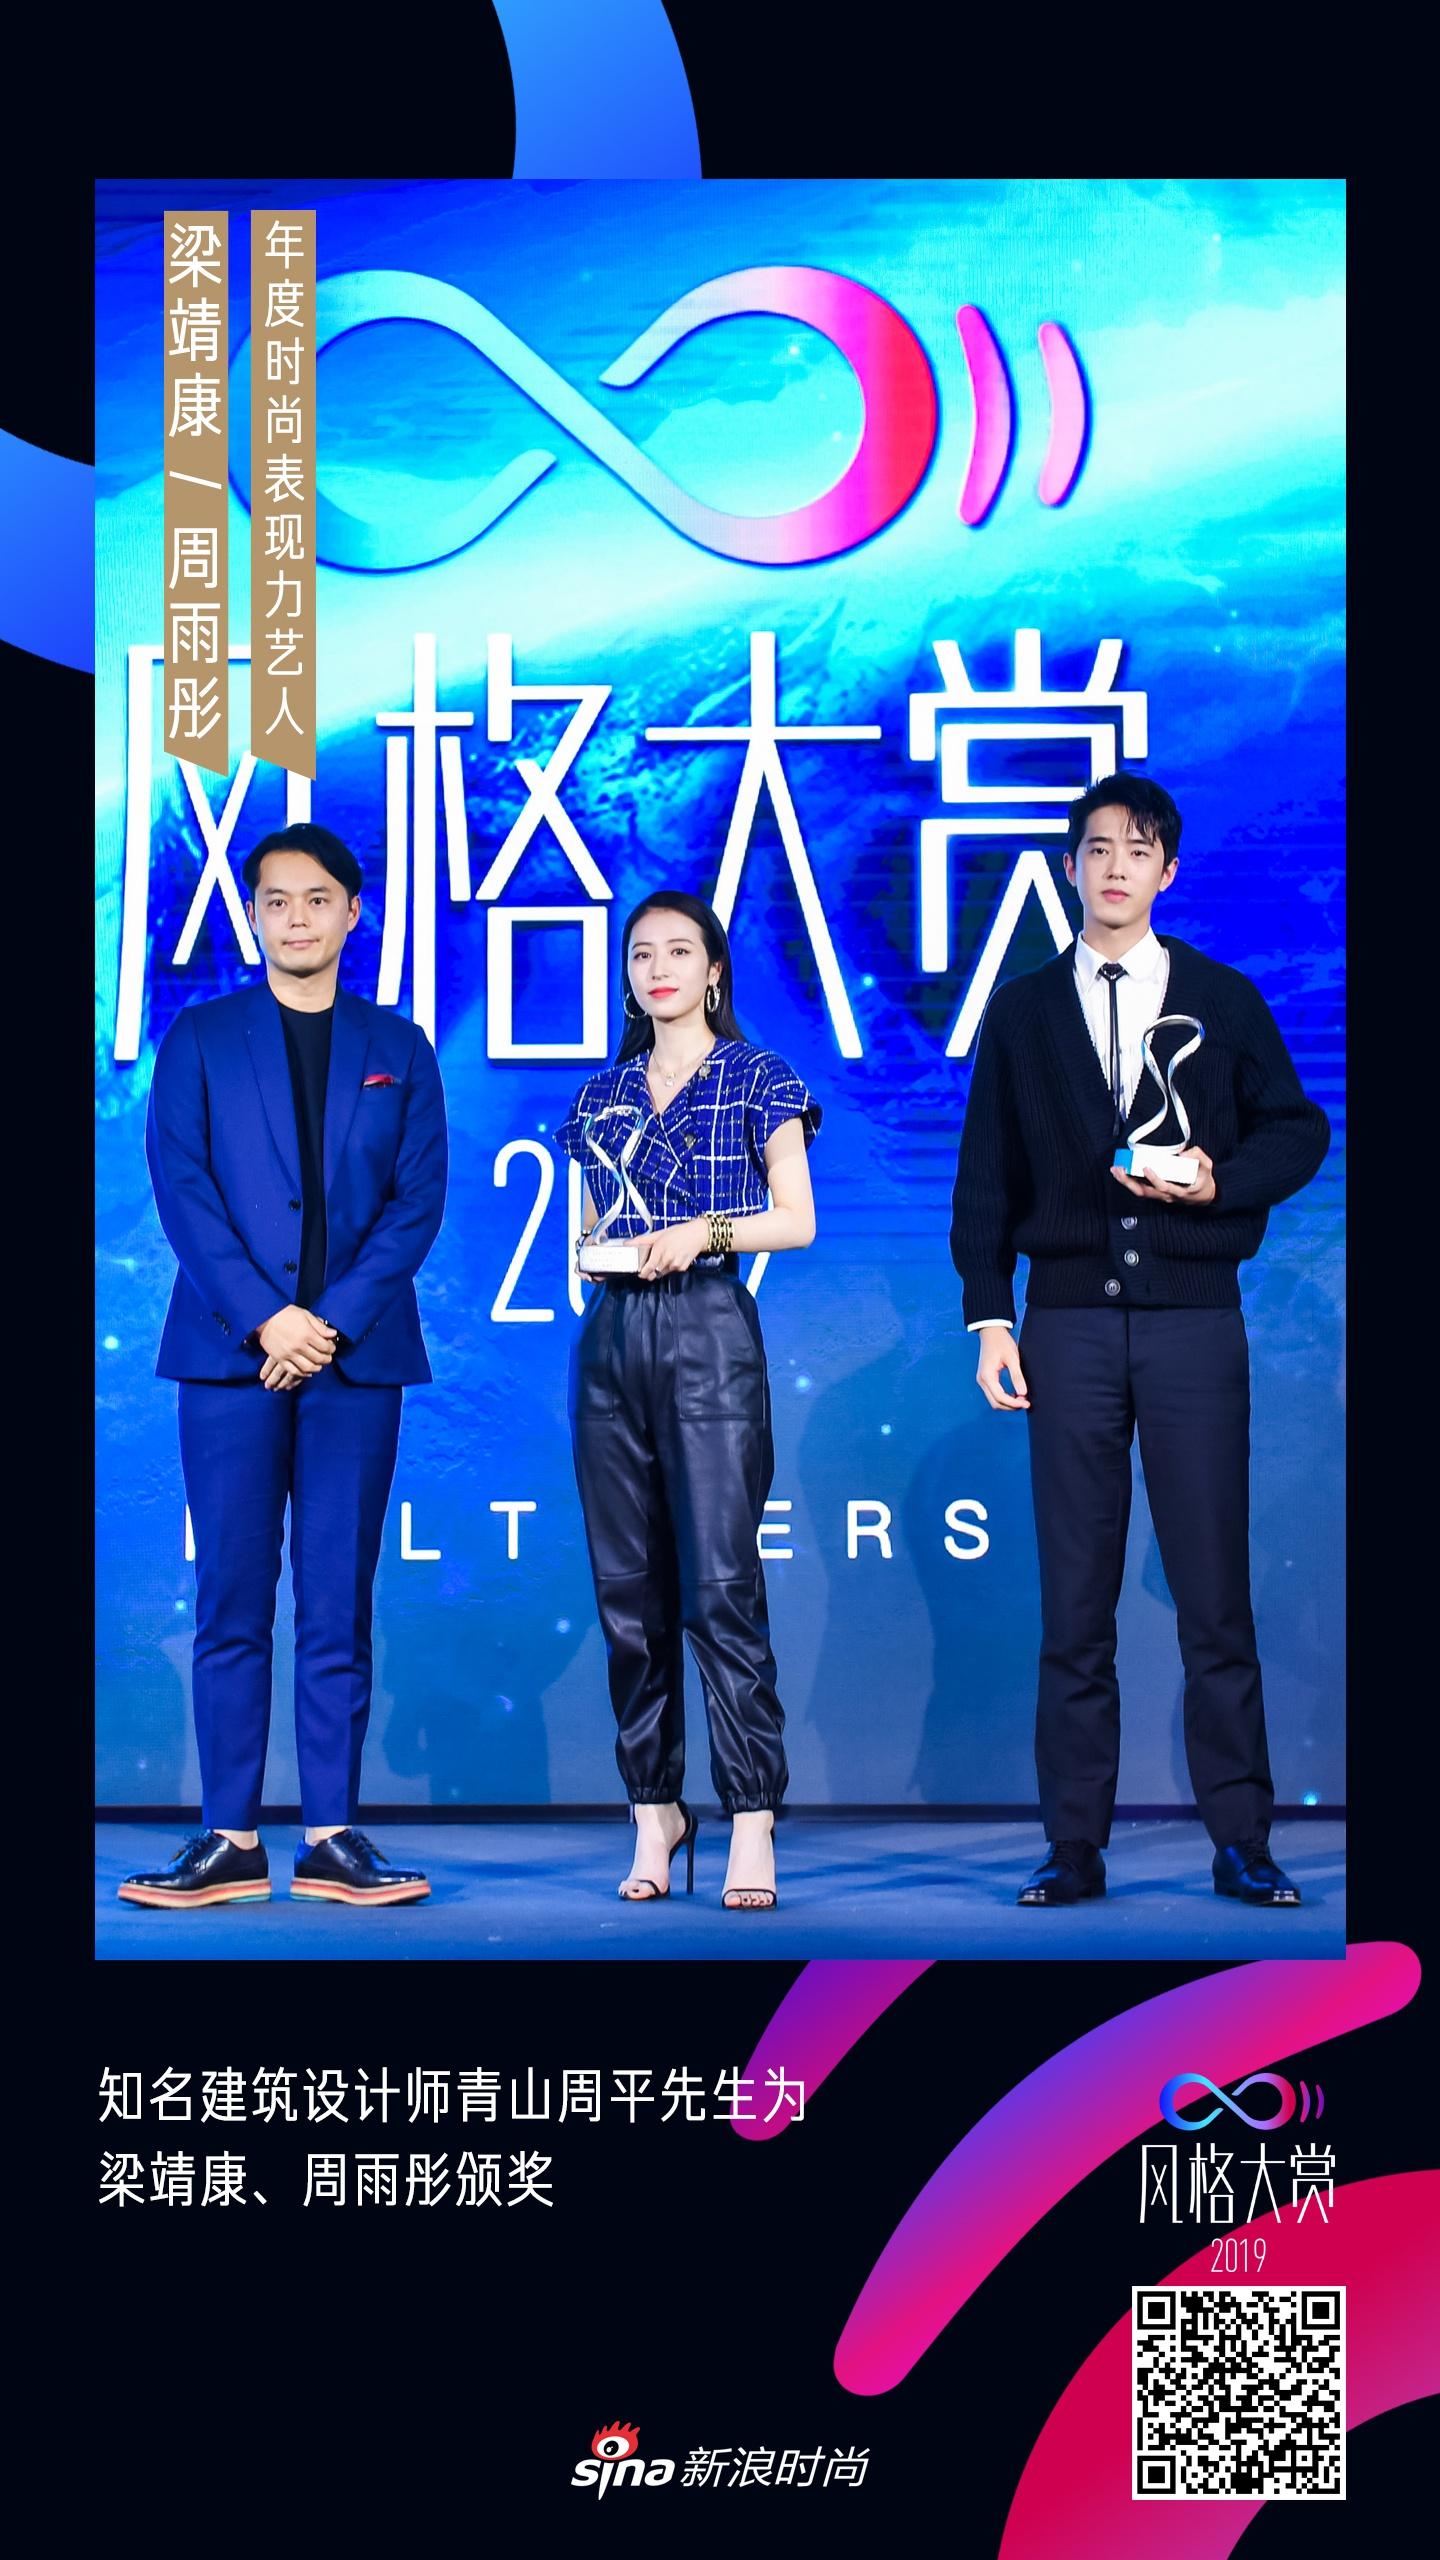 """梁靖康获得新浪时尚2019风格大赏""""年度时尚表现力艺人""""大奖"""